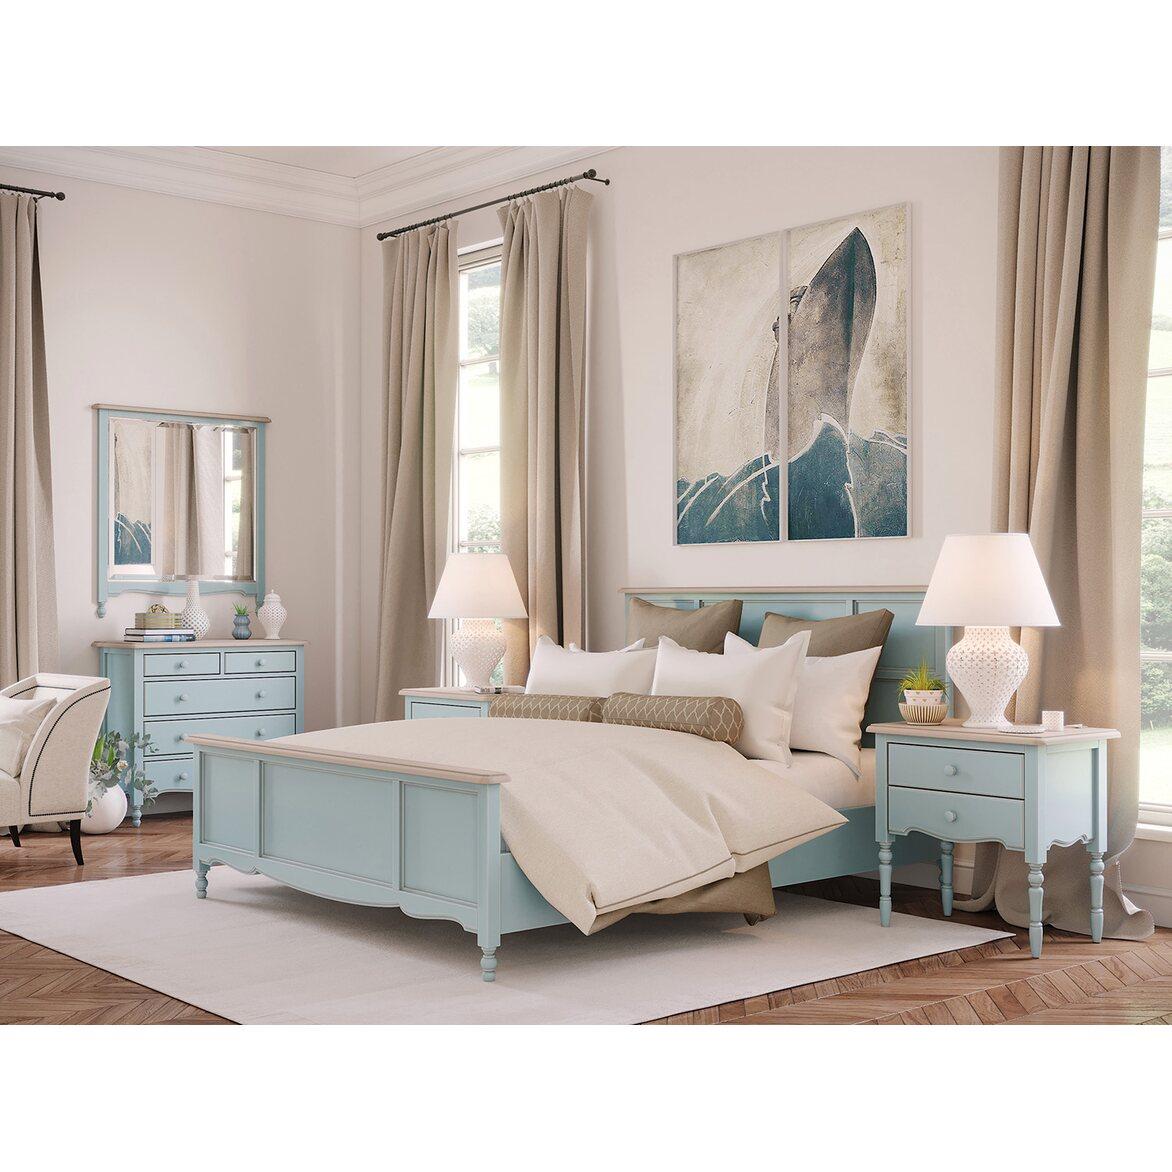 Кровать Leblanc двуспальная, голубая 3 | Двуспальные кровати Kingsby